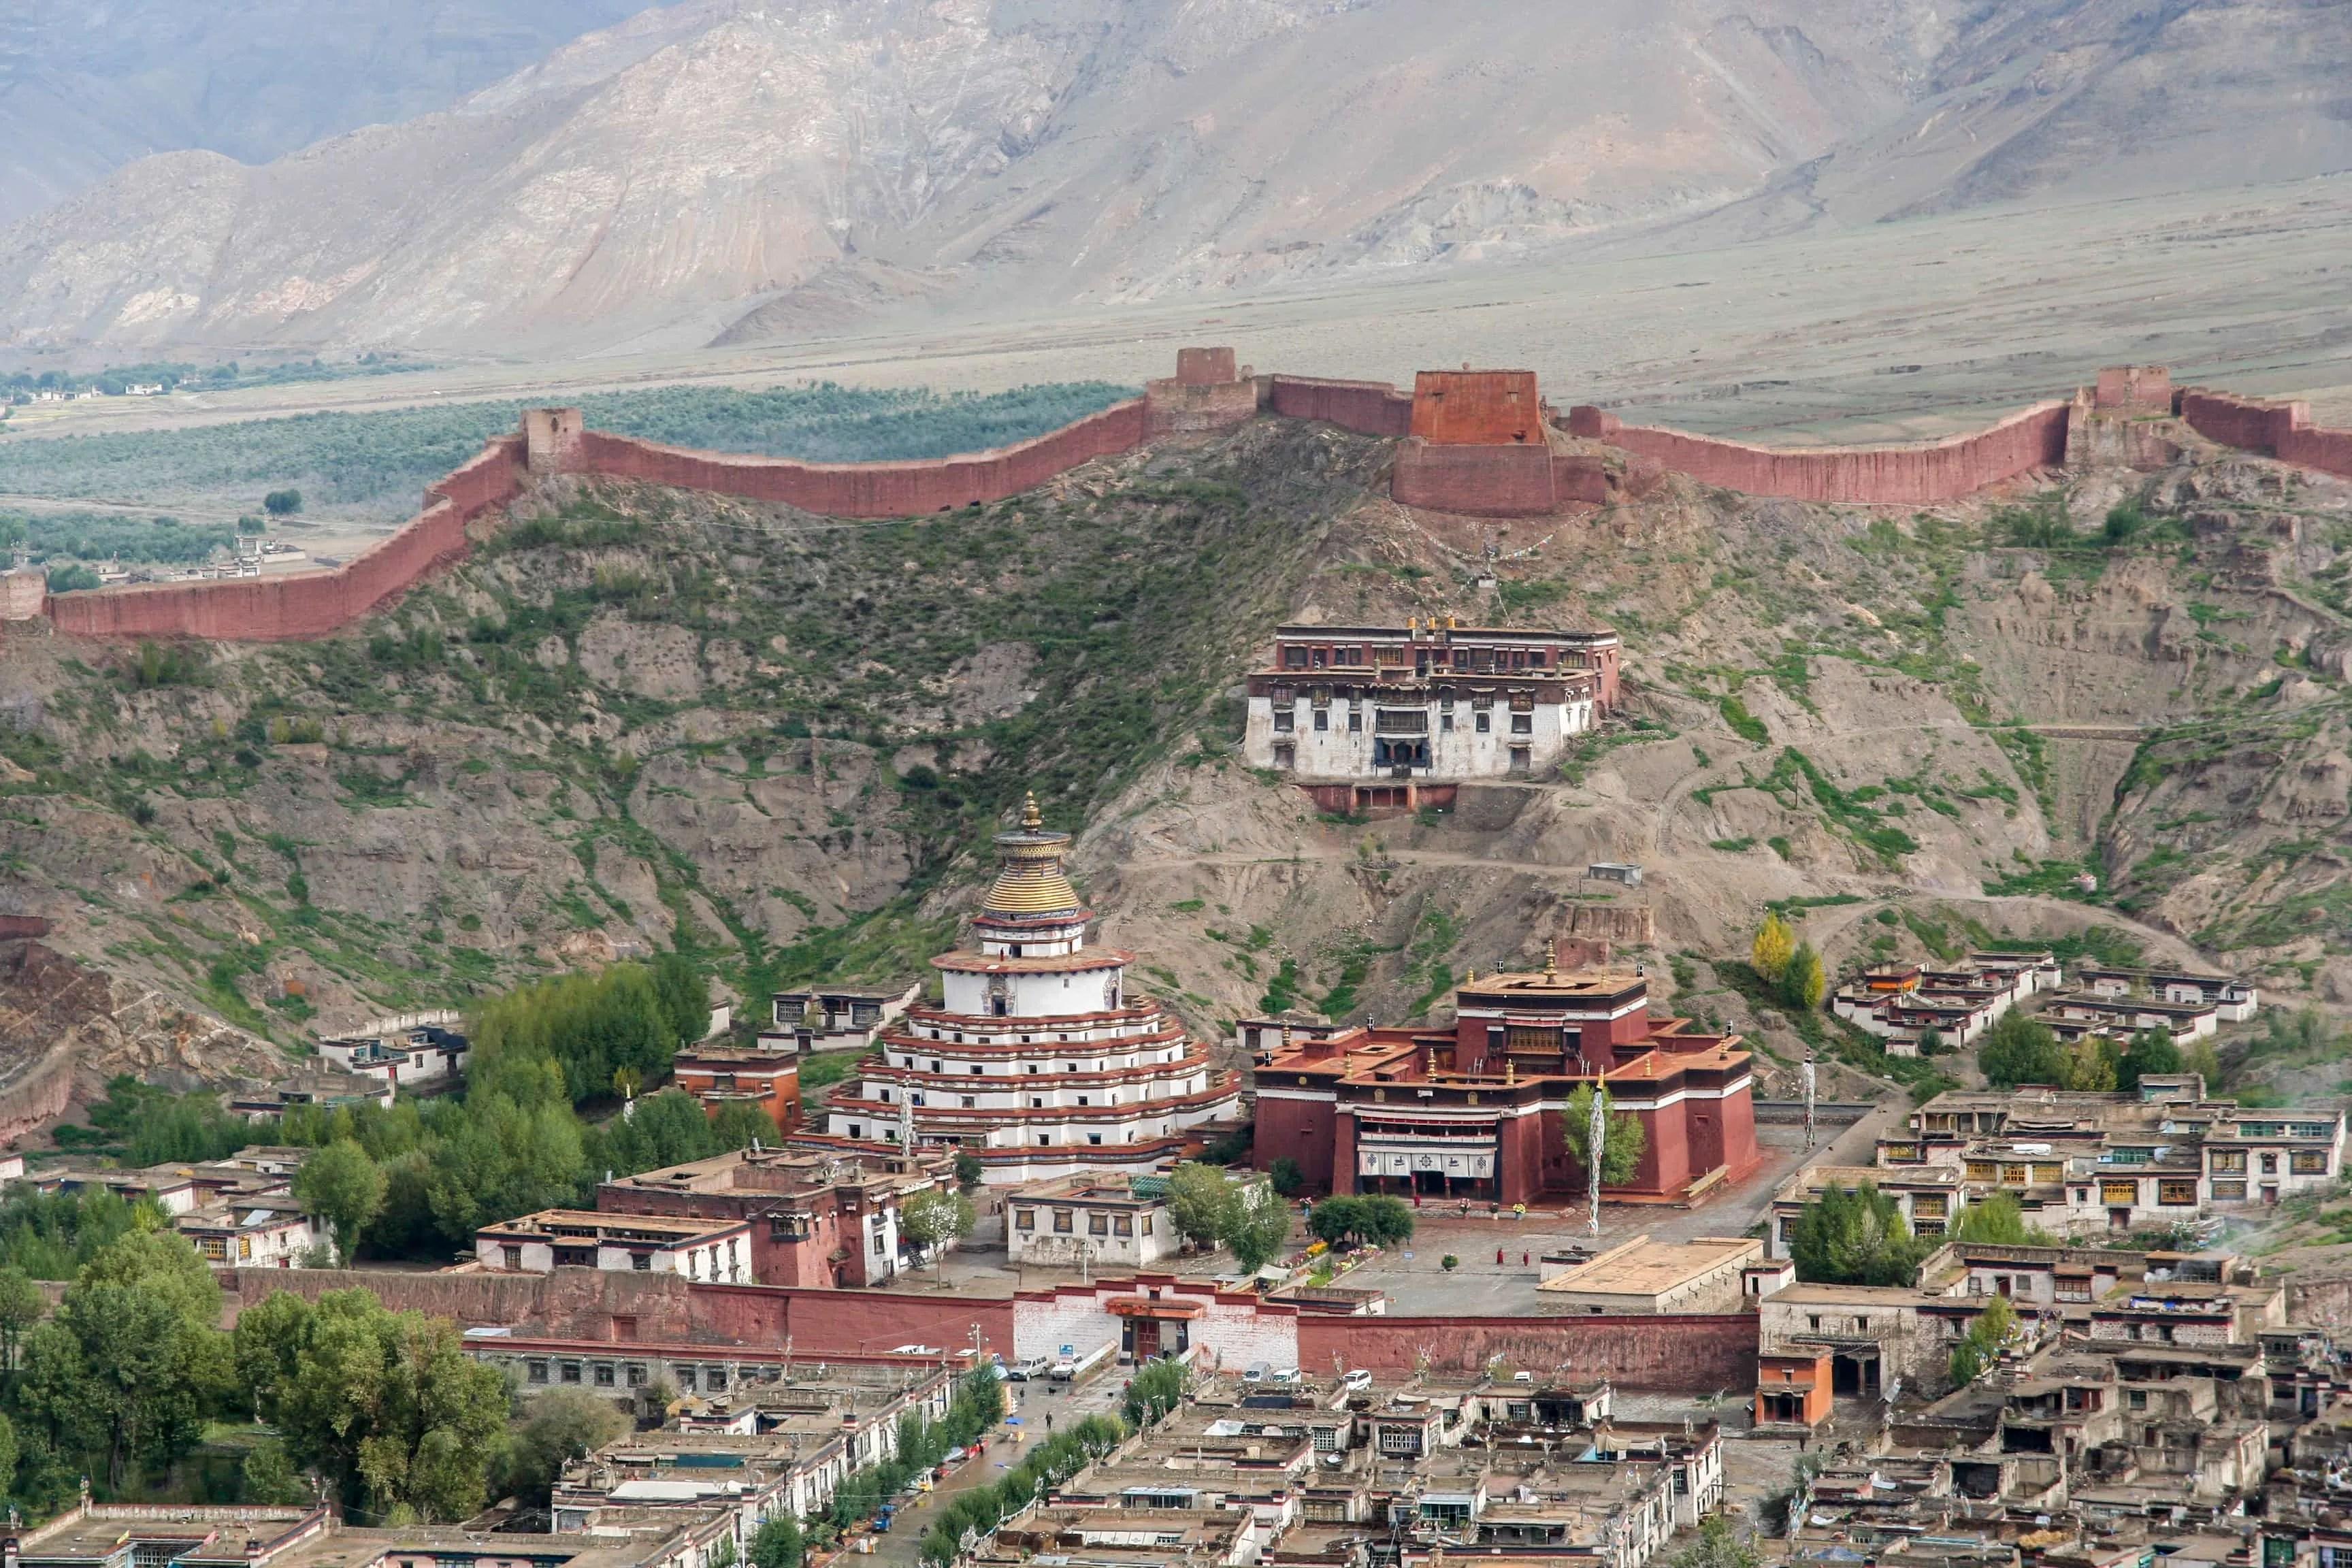 The Buddhist Kumbum chorten, Palkhor Monastery and Gyantse town in Tibet